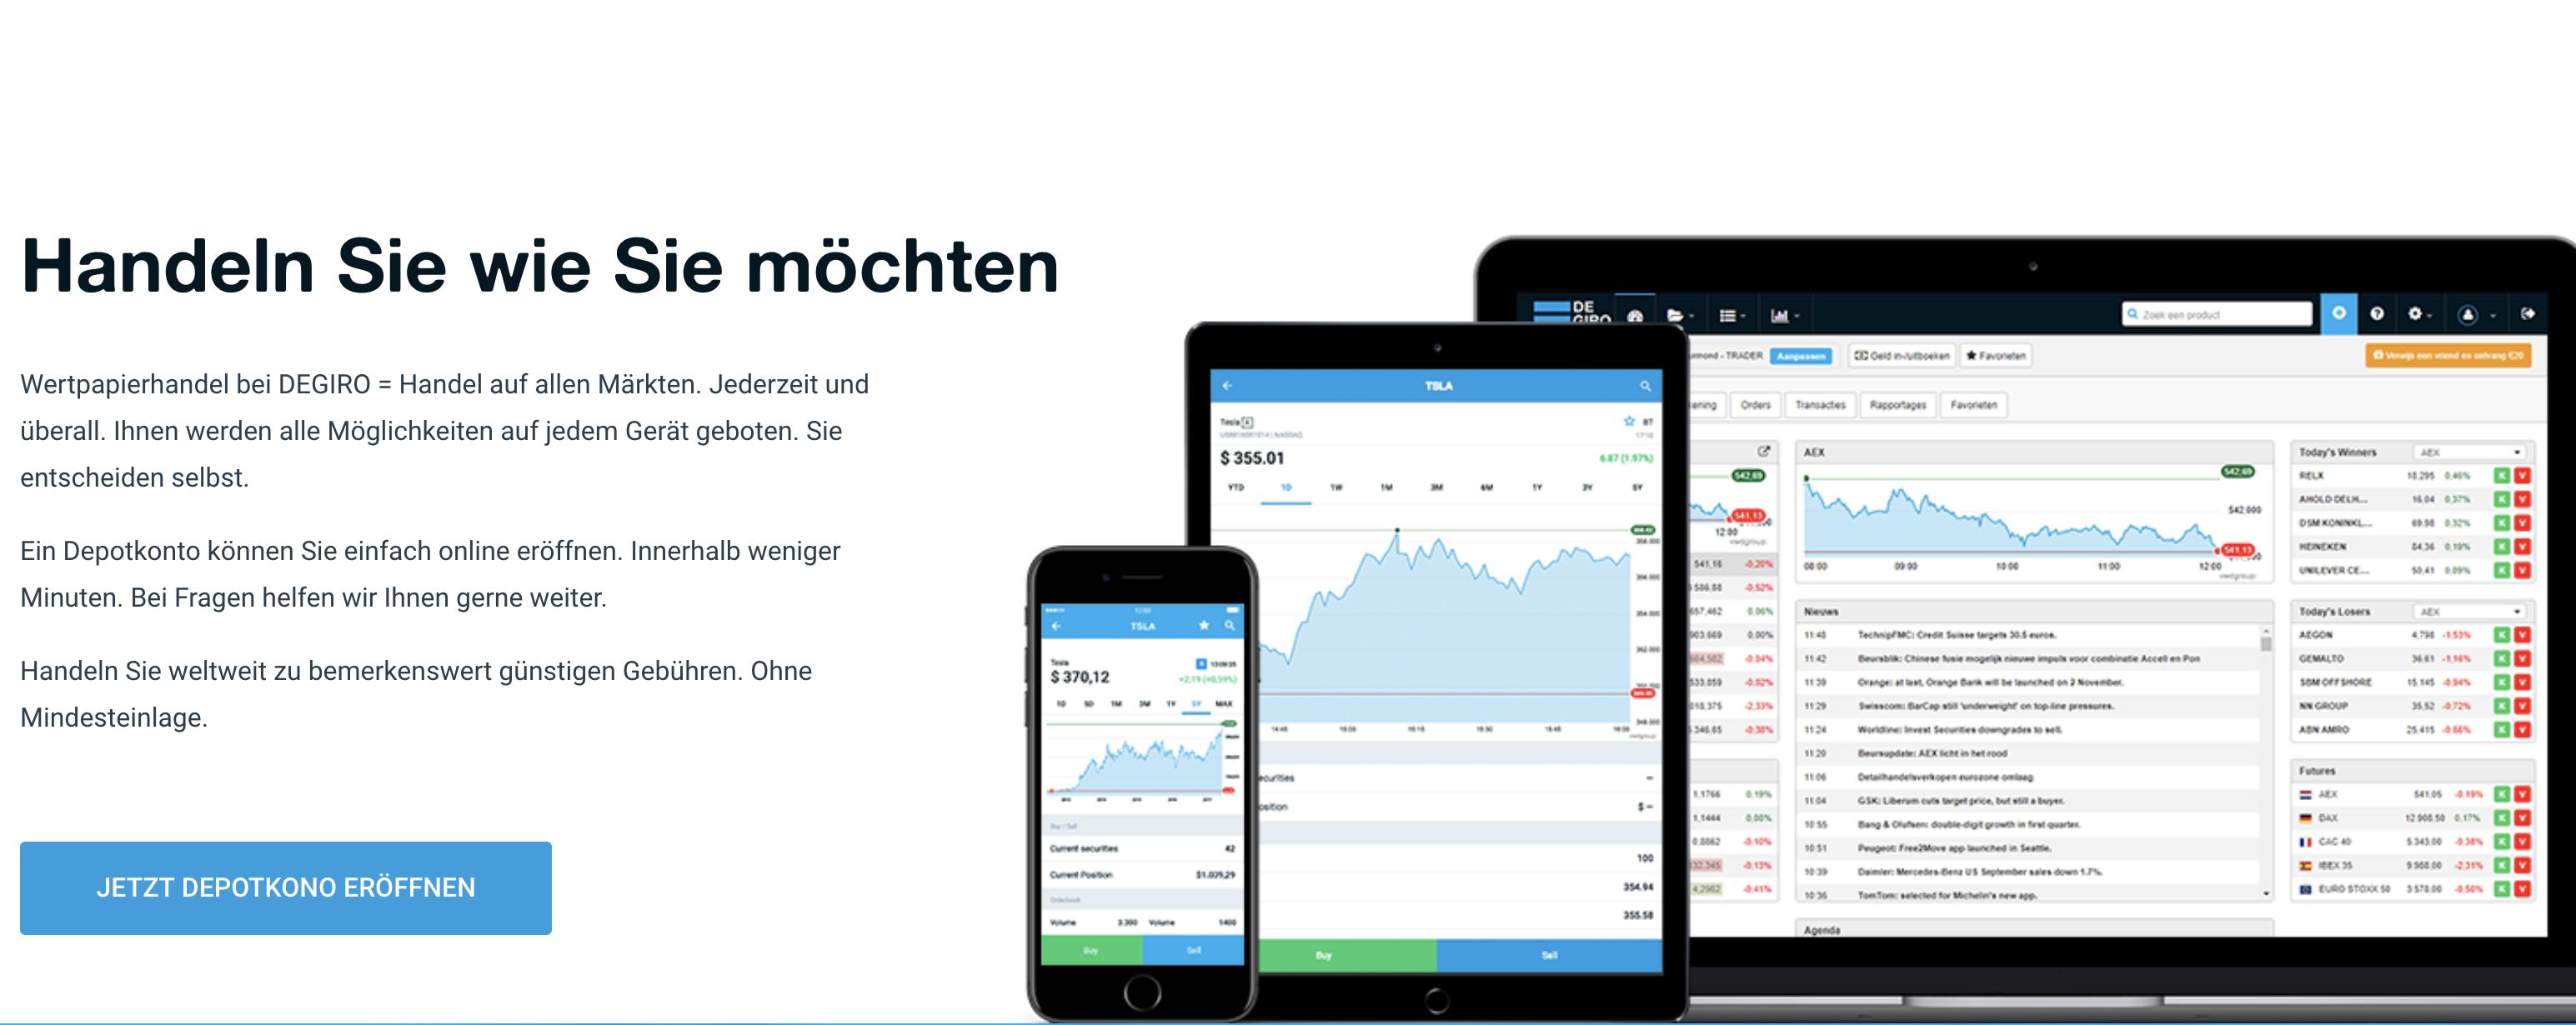 Durch leistungsstarke Plattformen, können Trader des Brokers DEGIRO, auch auf ihrem Smartphone handeln